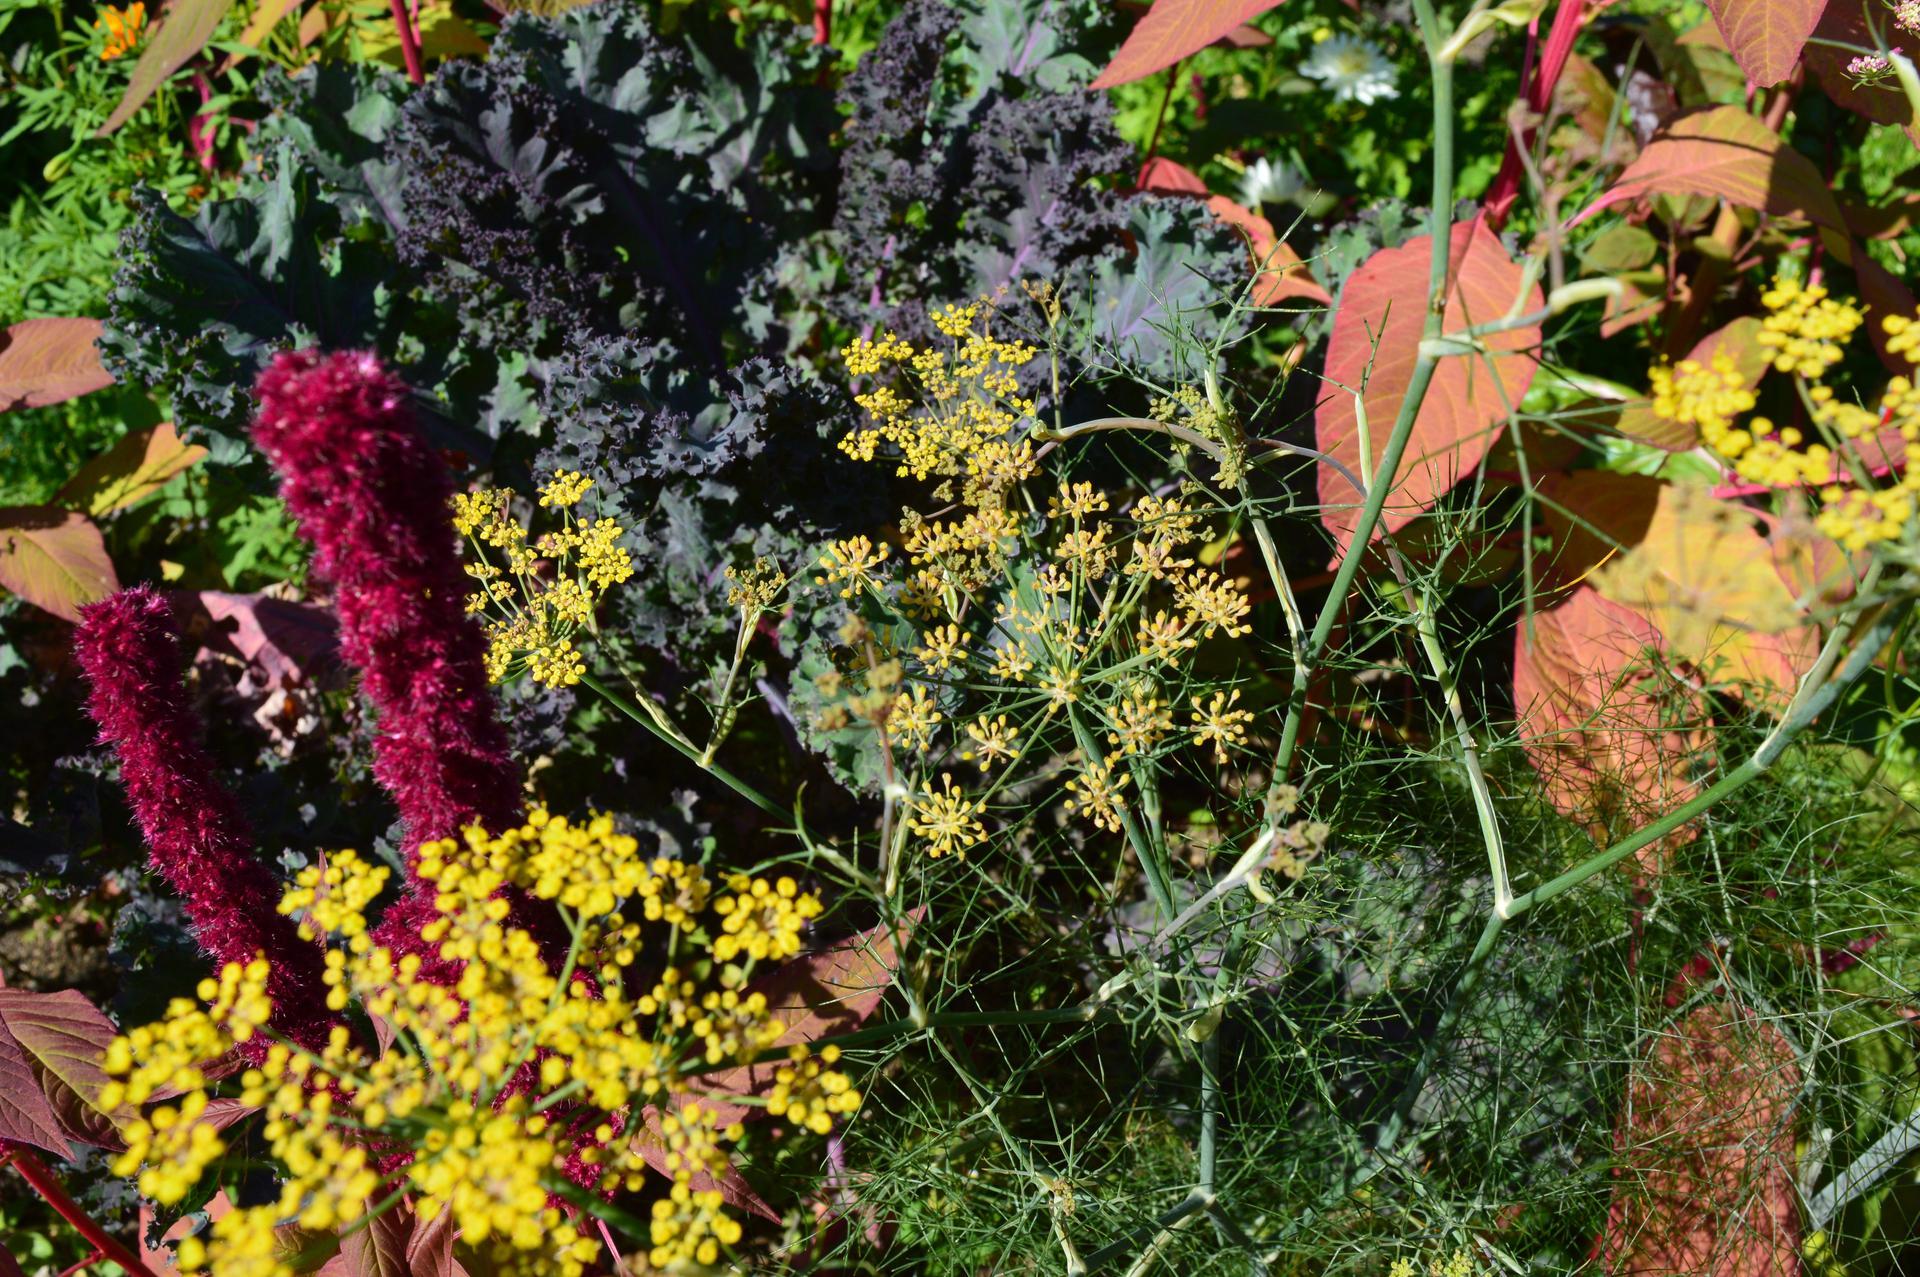 Naša prírodná perma záhradka v roku 2020 - 9/2020 - jesenný záhonový farebný mix: bronzový fenikel, kučeravý kel Scarlet, aksamietnice a cyklaménové láskavce. Dodávali krásne farby.